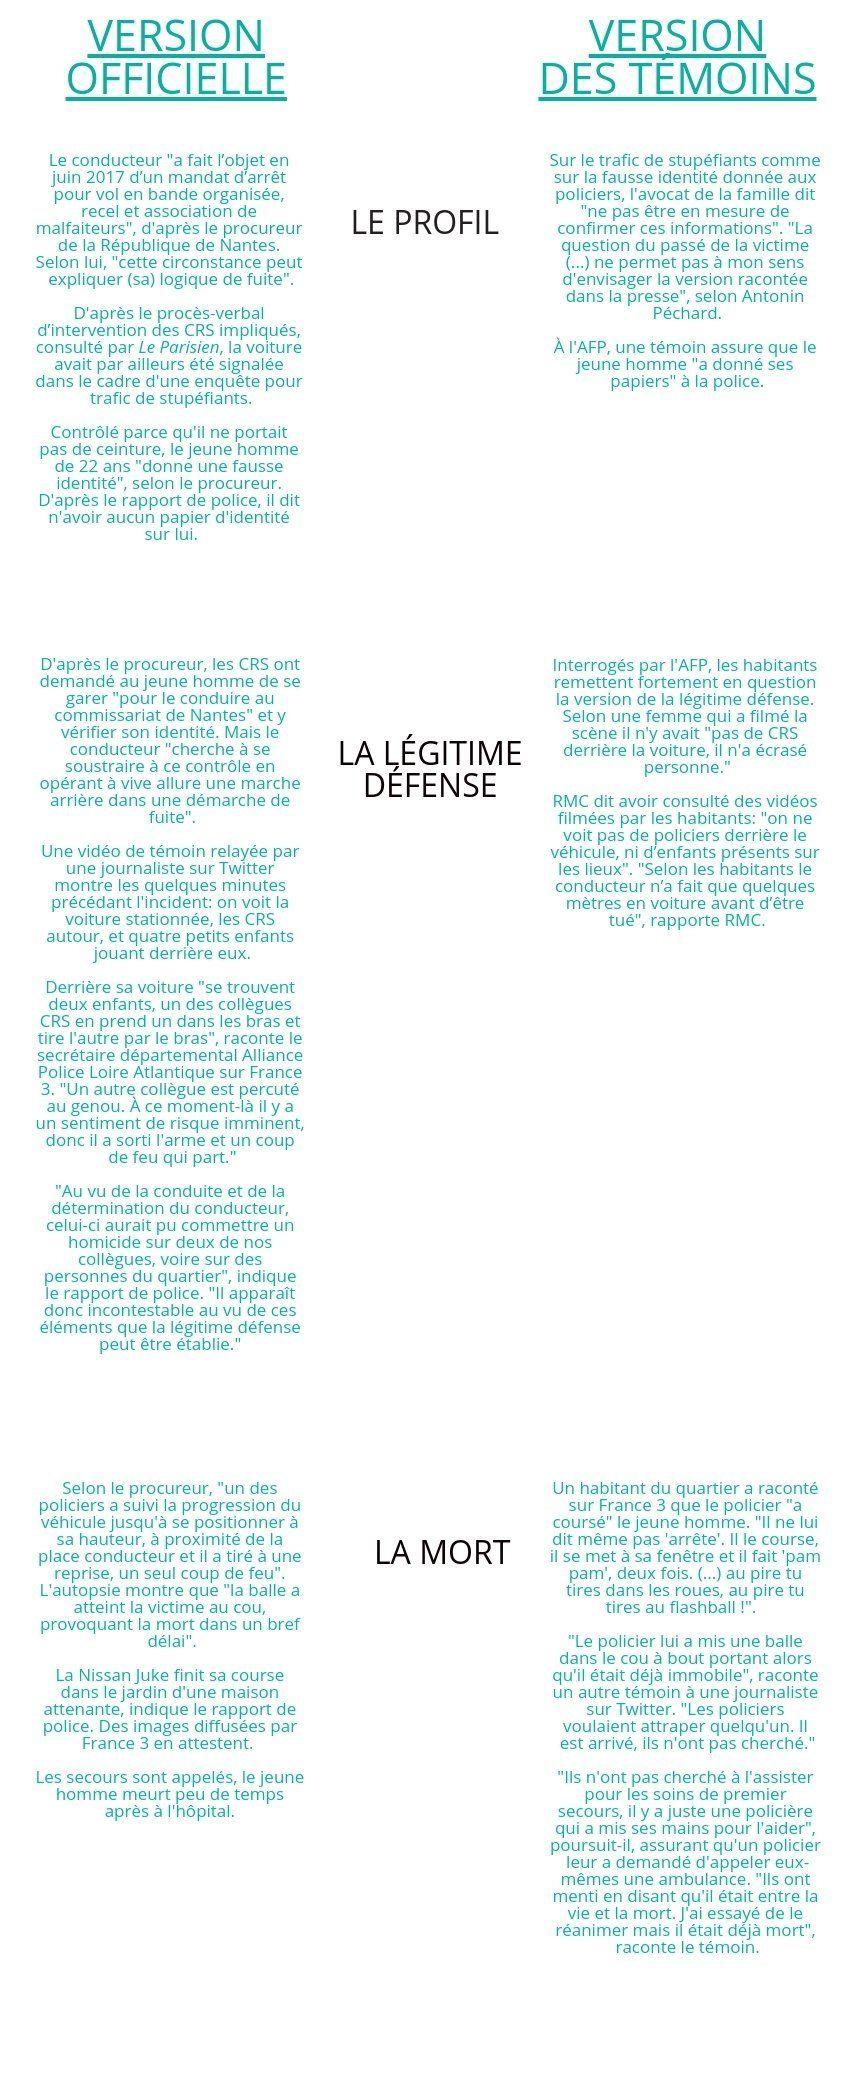 Mort d'un jeune à Nantes lors d'un contrôle de police: la version officielle et celle des